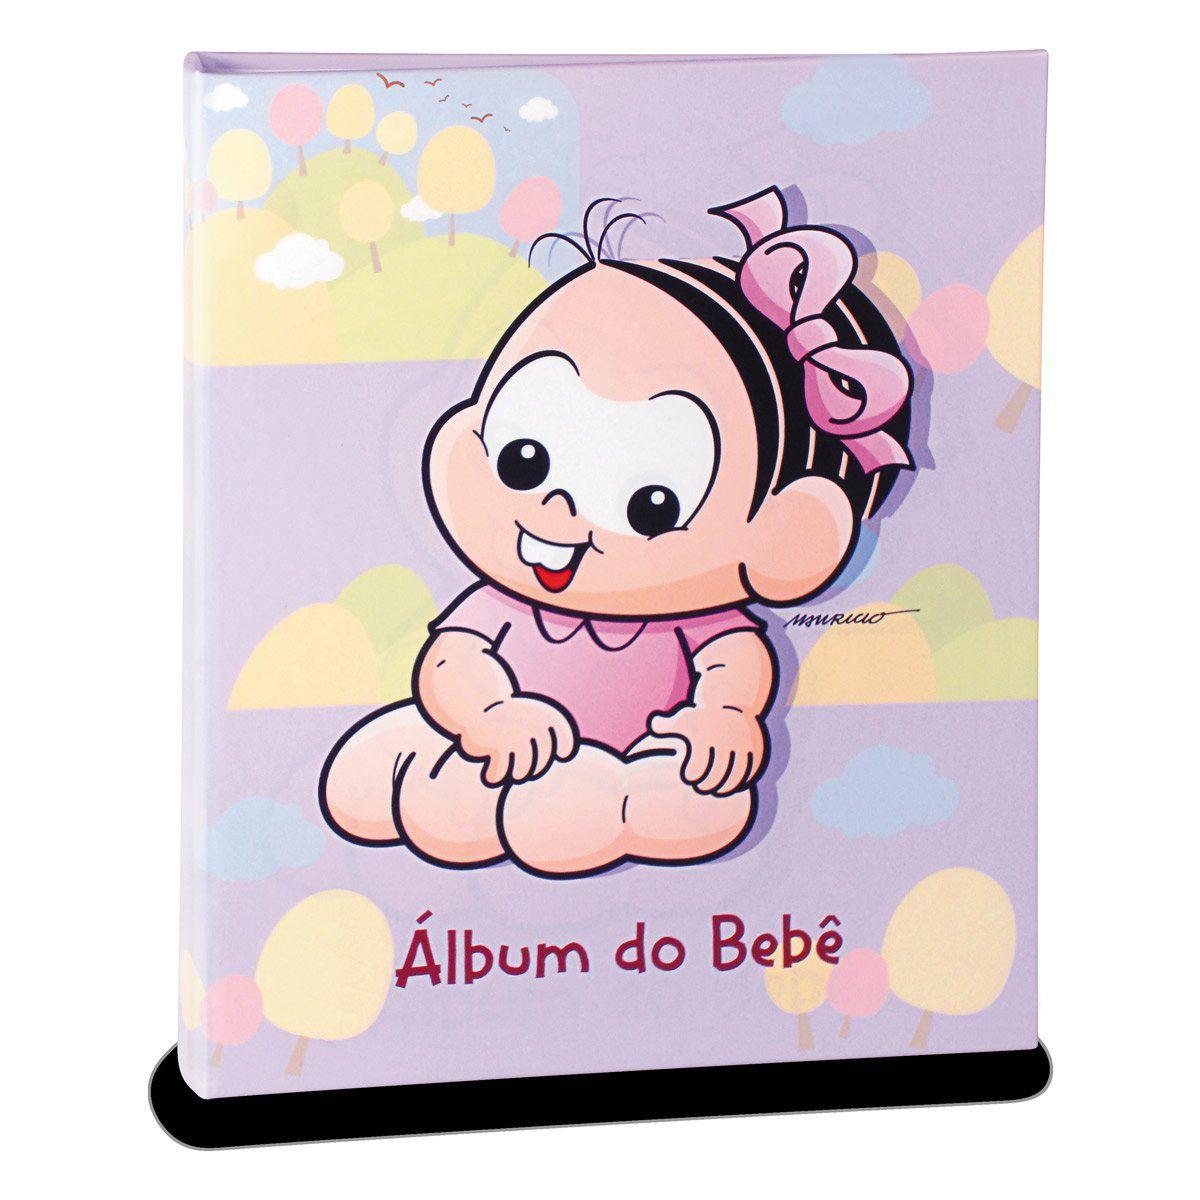 Álbum de Fotos Turma da Mônica Baby - Mônica 120fts